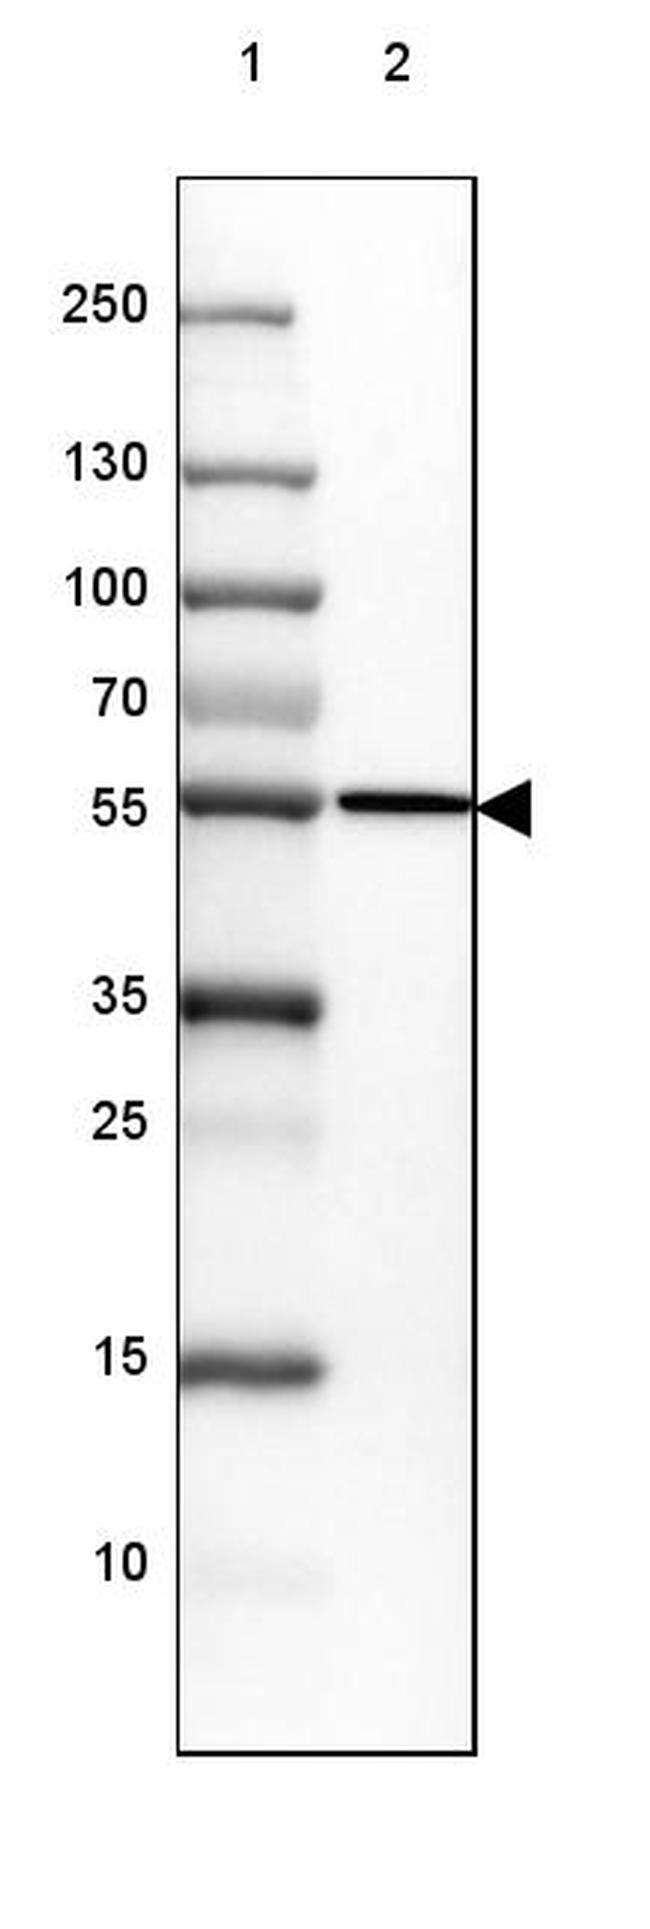 CYP21A2 Antibody in Western Blot (WB)